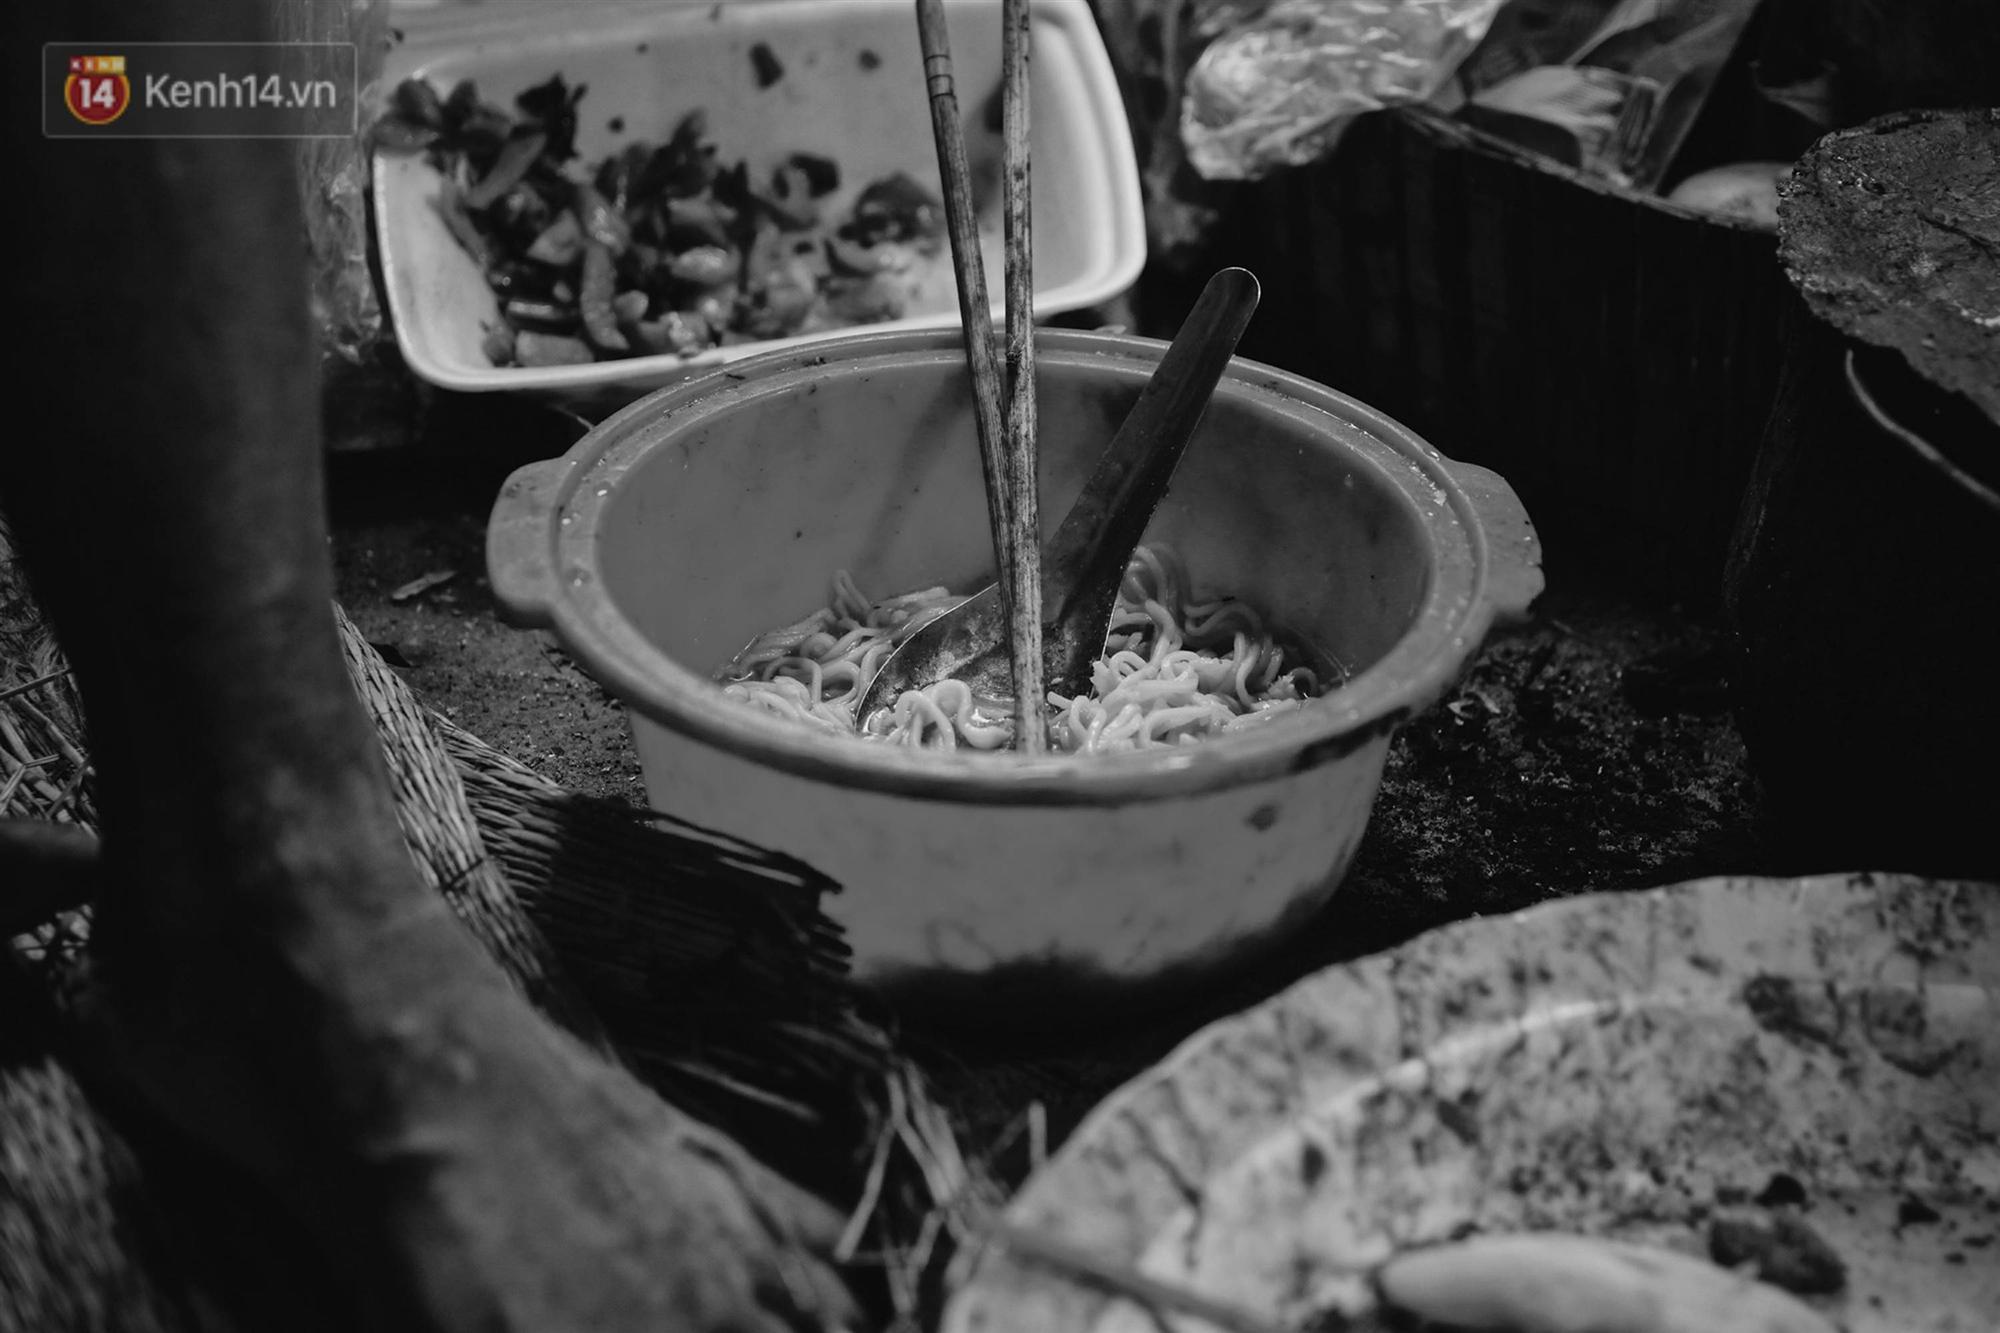 Ở Hà Nội, có một người mẹ mù gần 90 tuổi vẫn ngày đêm chăm đứa con gái điên: Còn sống được lúc nào, thì tôi còn nuôi nó-9